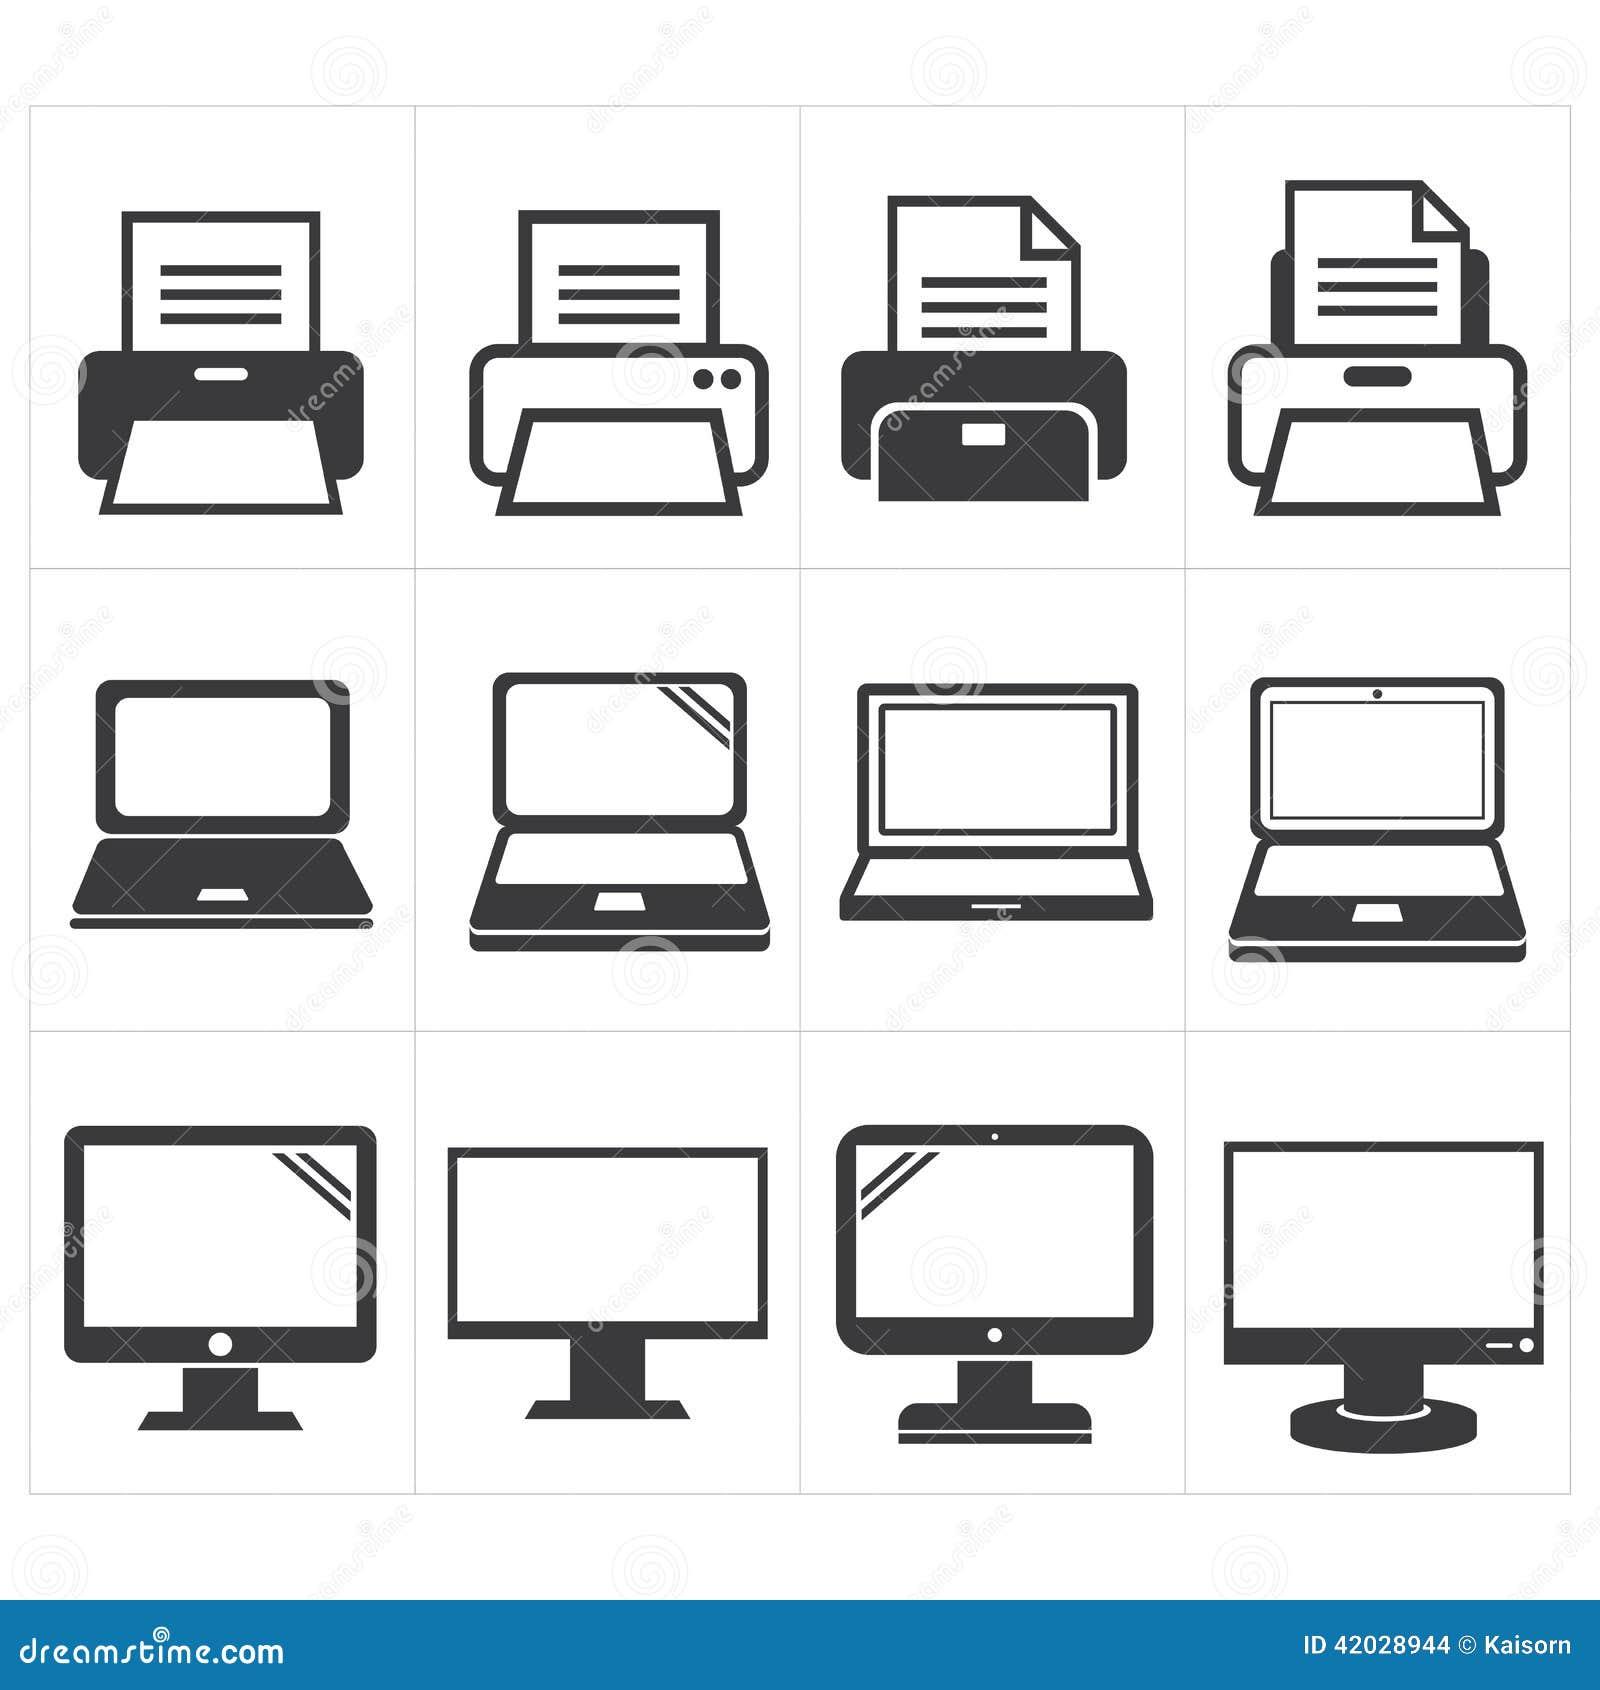 De Fax van pictogramkantoorbenodigdheden, laptop, printer